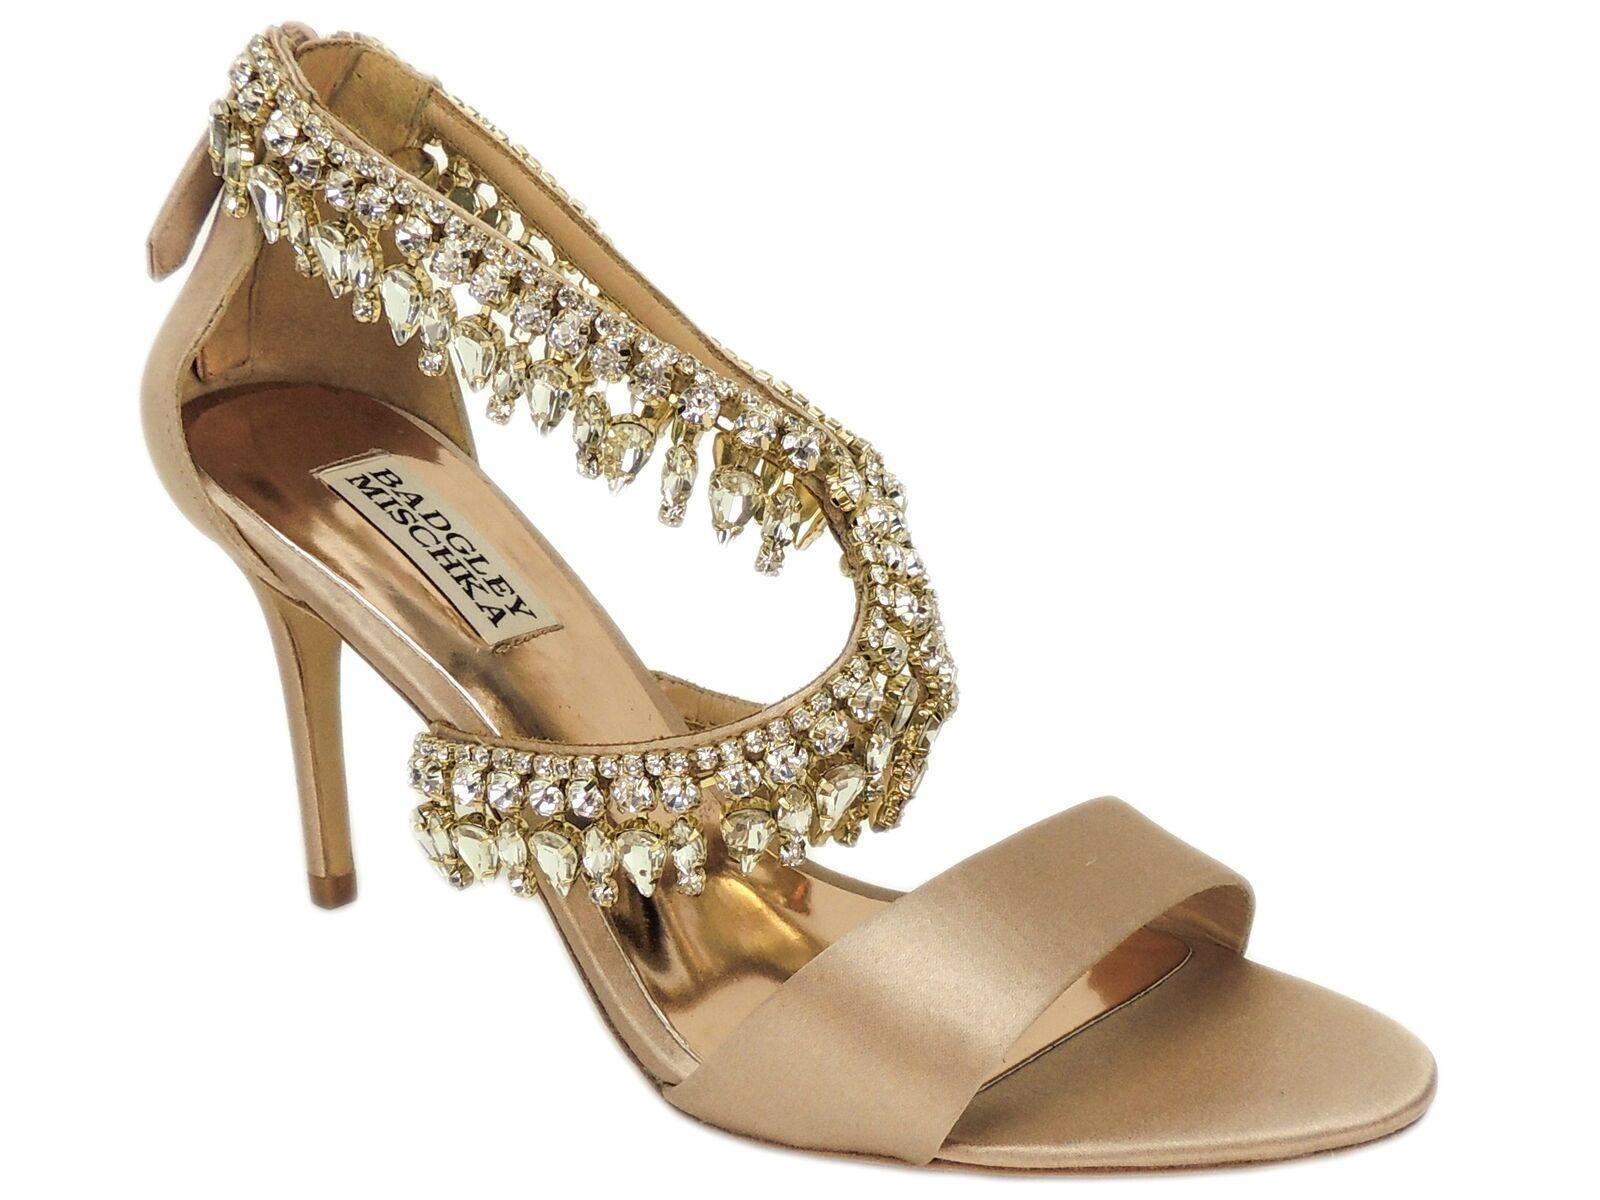 Badgley Badgley Badgley Mischka Donna  Grammy Evening Sandals Latte Satin Dimensione 7.5 M 8b4974